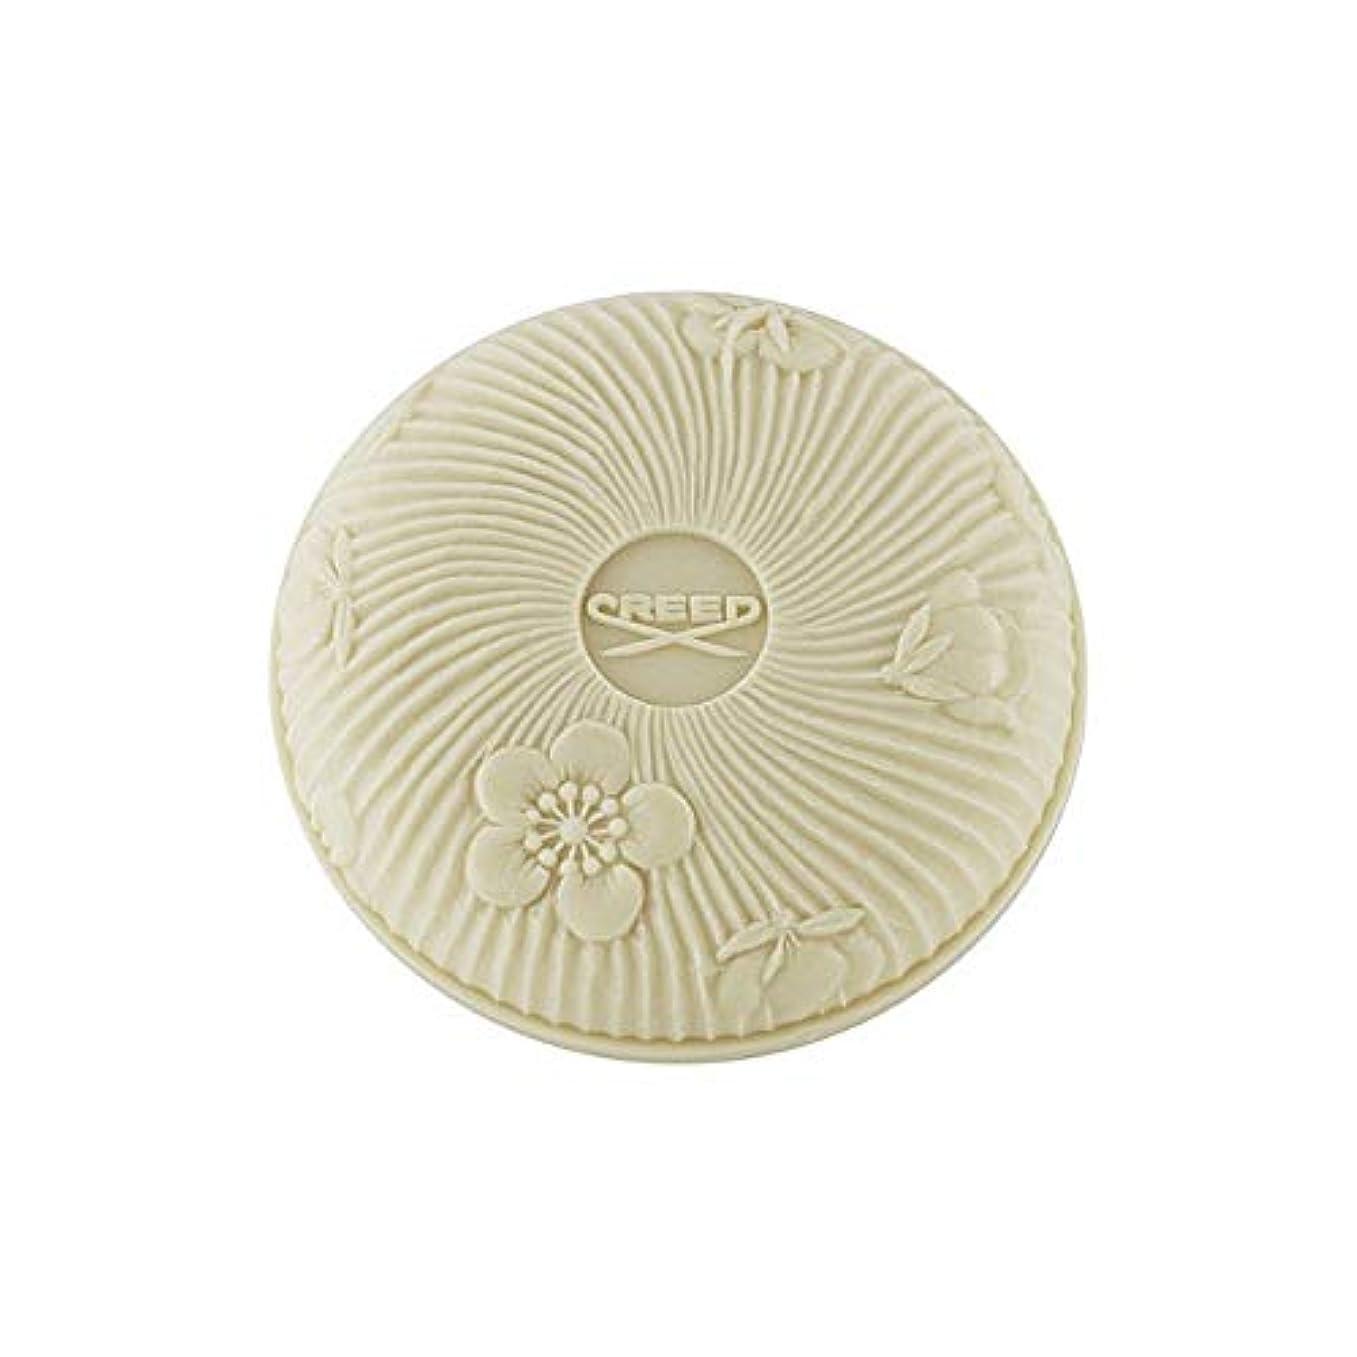 ボート円周本質的に[Creed ] 白い石鹸150グラムで信条愛 - Creed Love In White Soap 150G [並行輸入品]